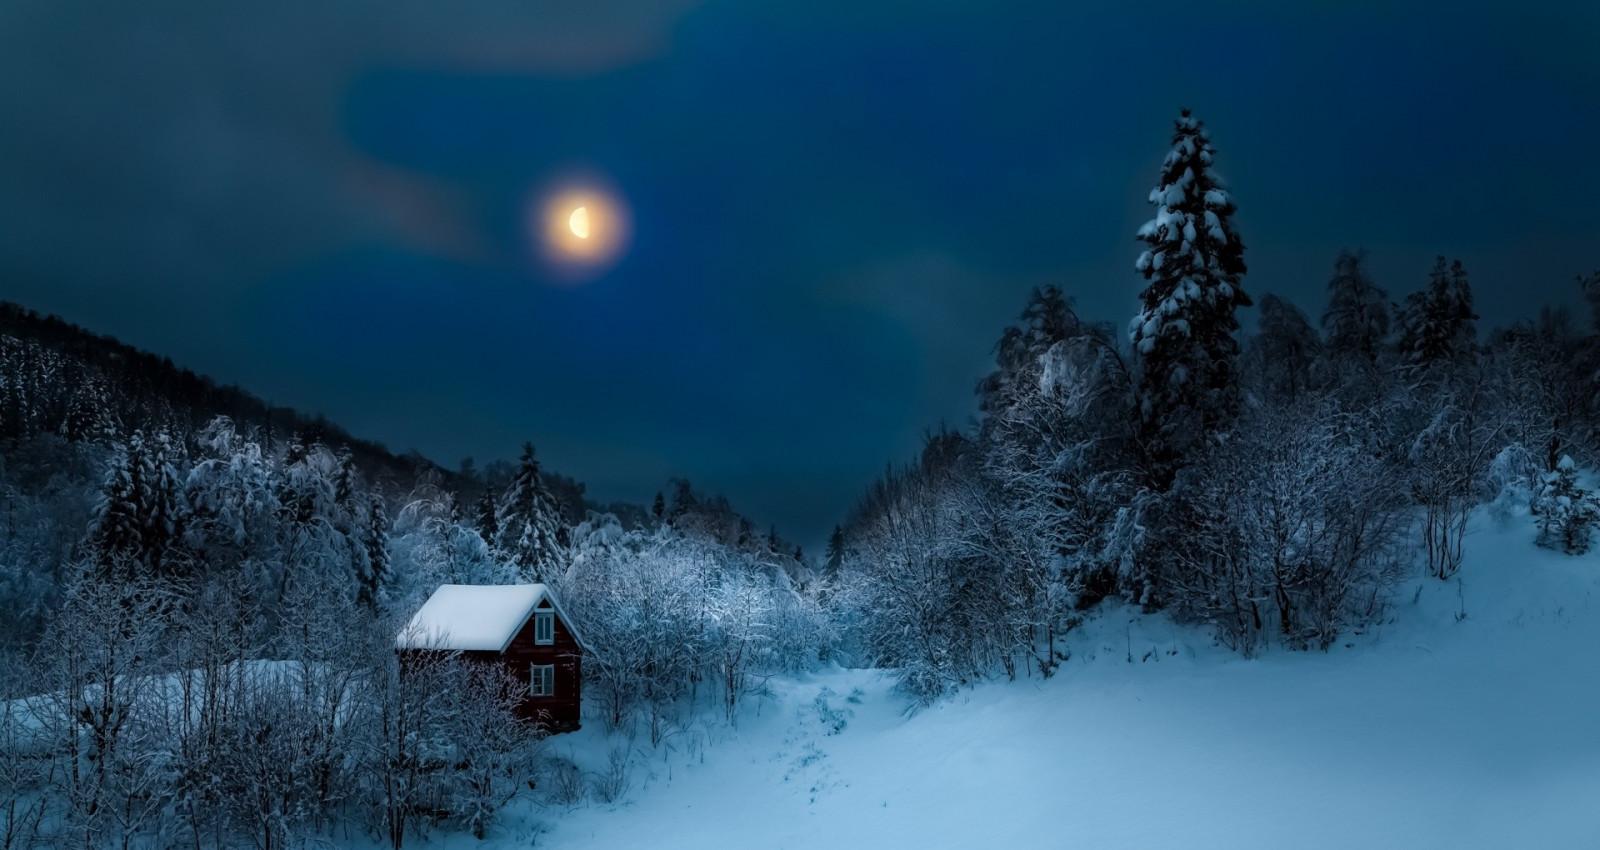 Картинки лунная ночь в лесу, днем рождения другу